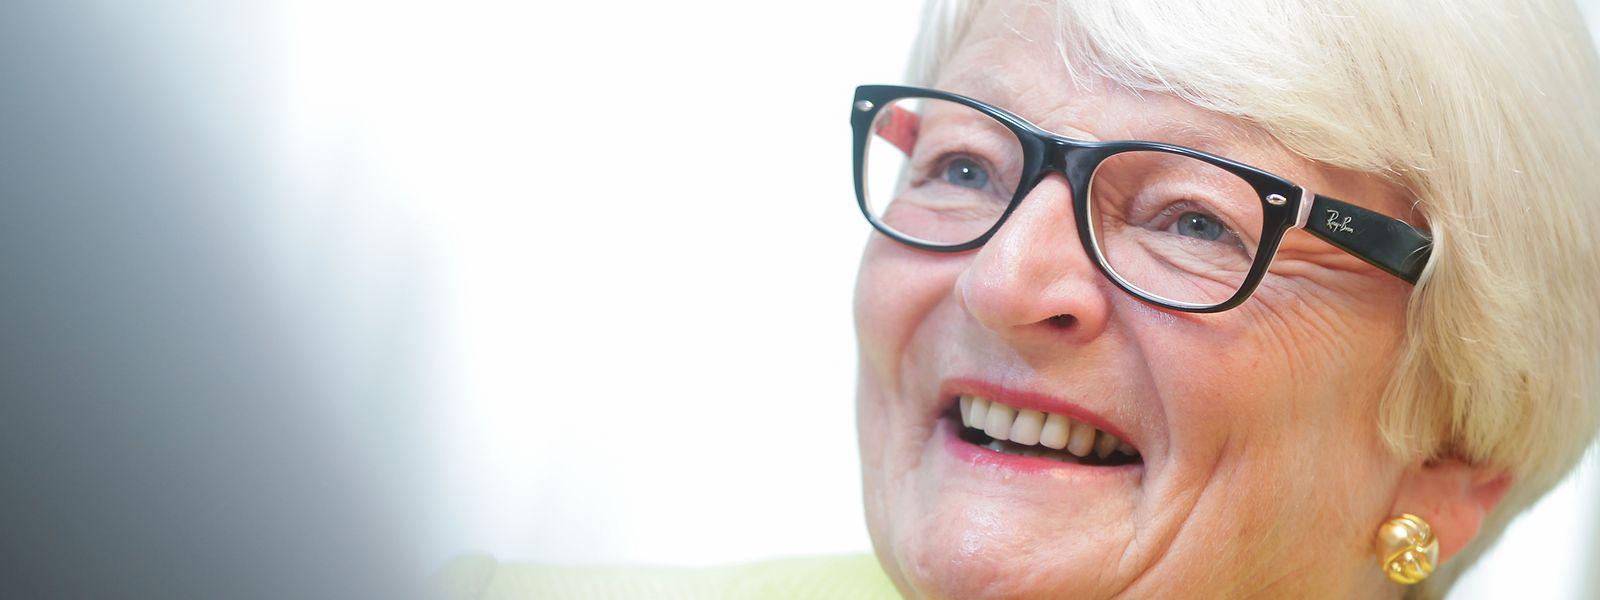 Die Caritas-Präsidentin und ehemalige CSV-Politikerin war die erste Ministerin des 1995 von Jean-Claude Juncker neu geschaffenen Chancengleichheitsministerium.